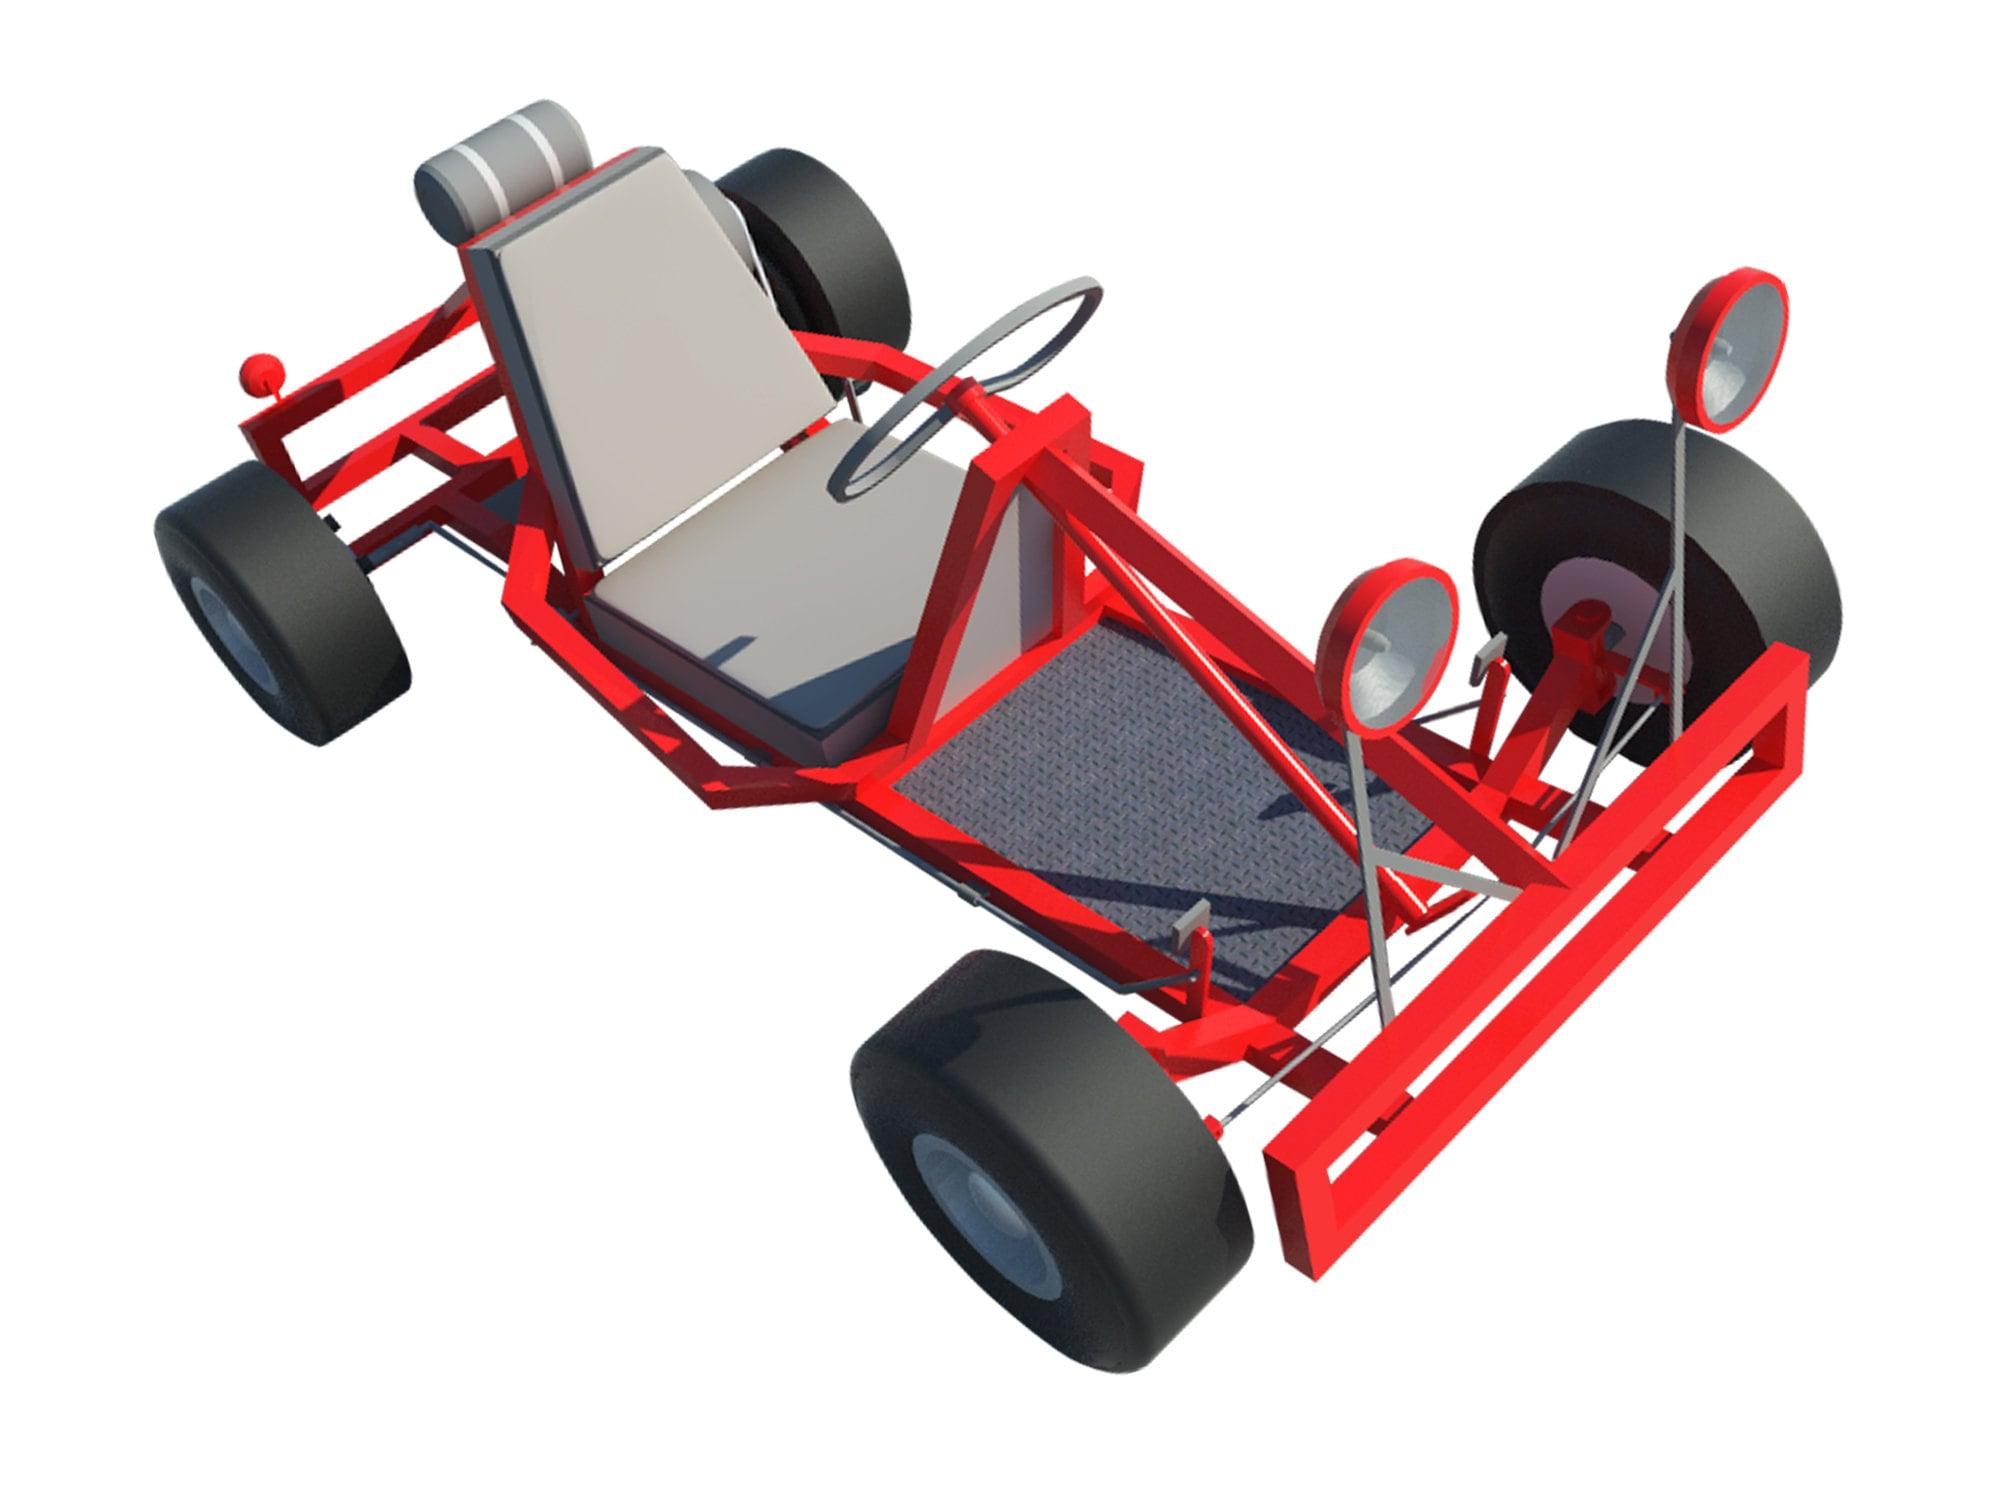 Go Kart Plans DIY Racing Vehicle Wheel Rider Outdoor